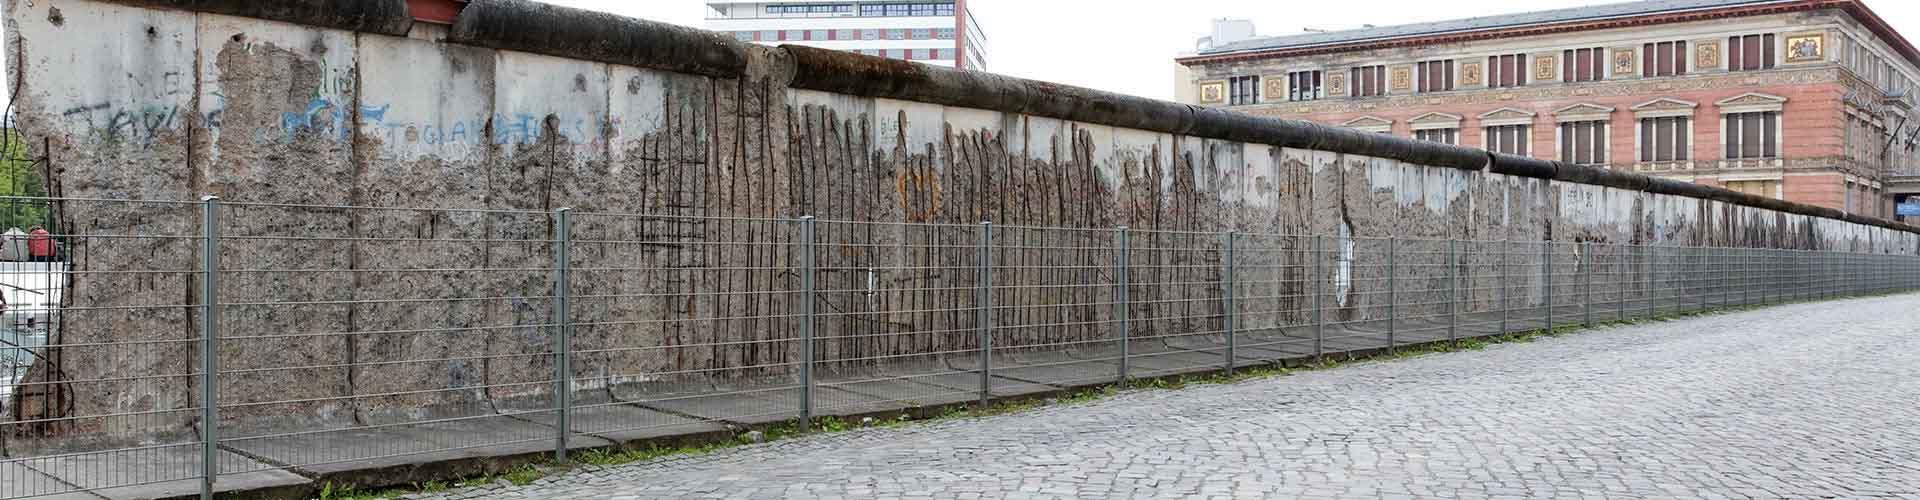 Berlin – Hostels in der Nähe von Berliner Mauer. Berlin auf der Karte. Fotos und Bewertungen für jedes Hostel in Berlin.